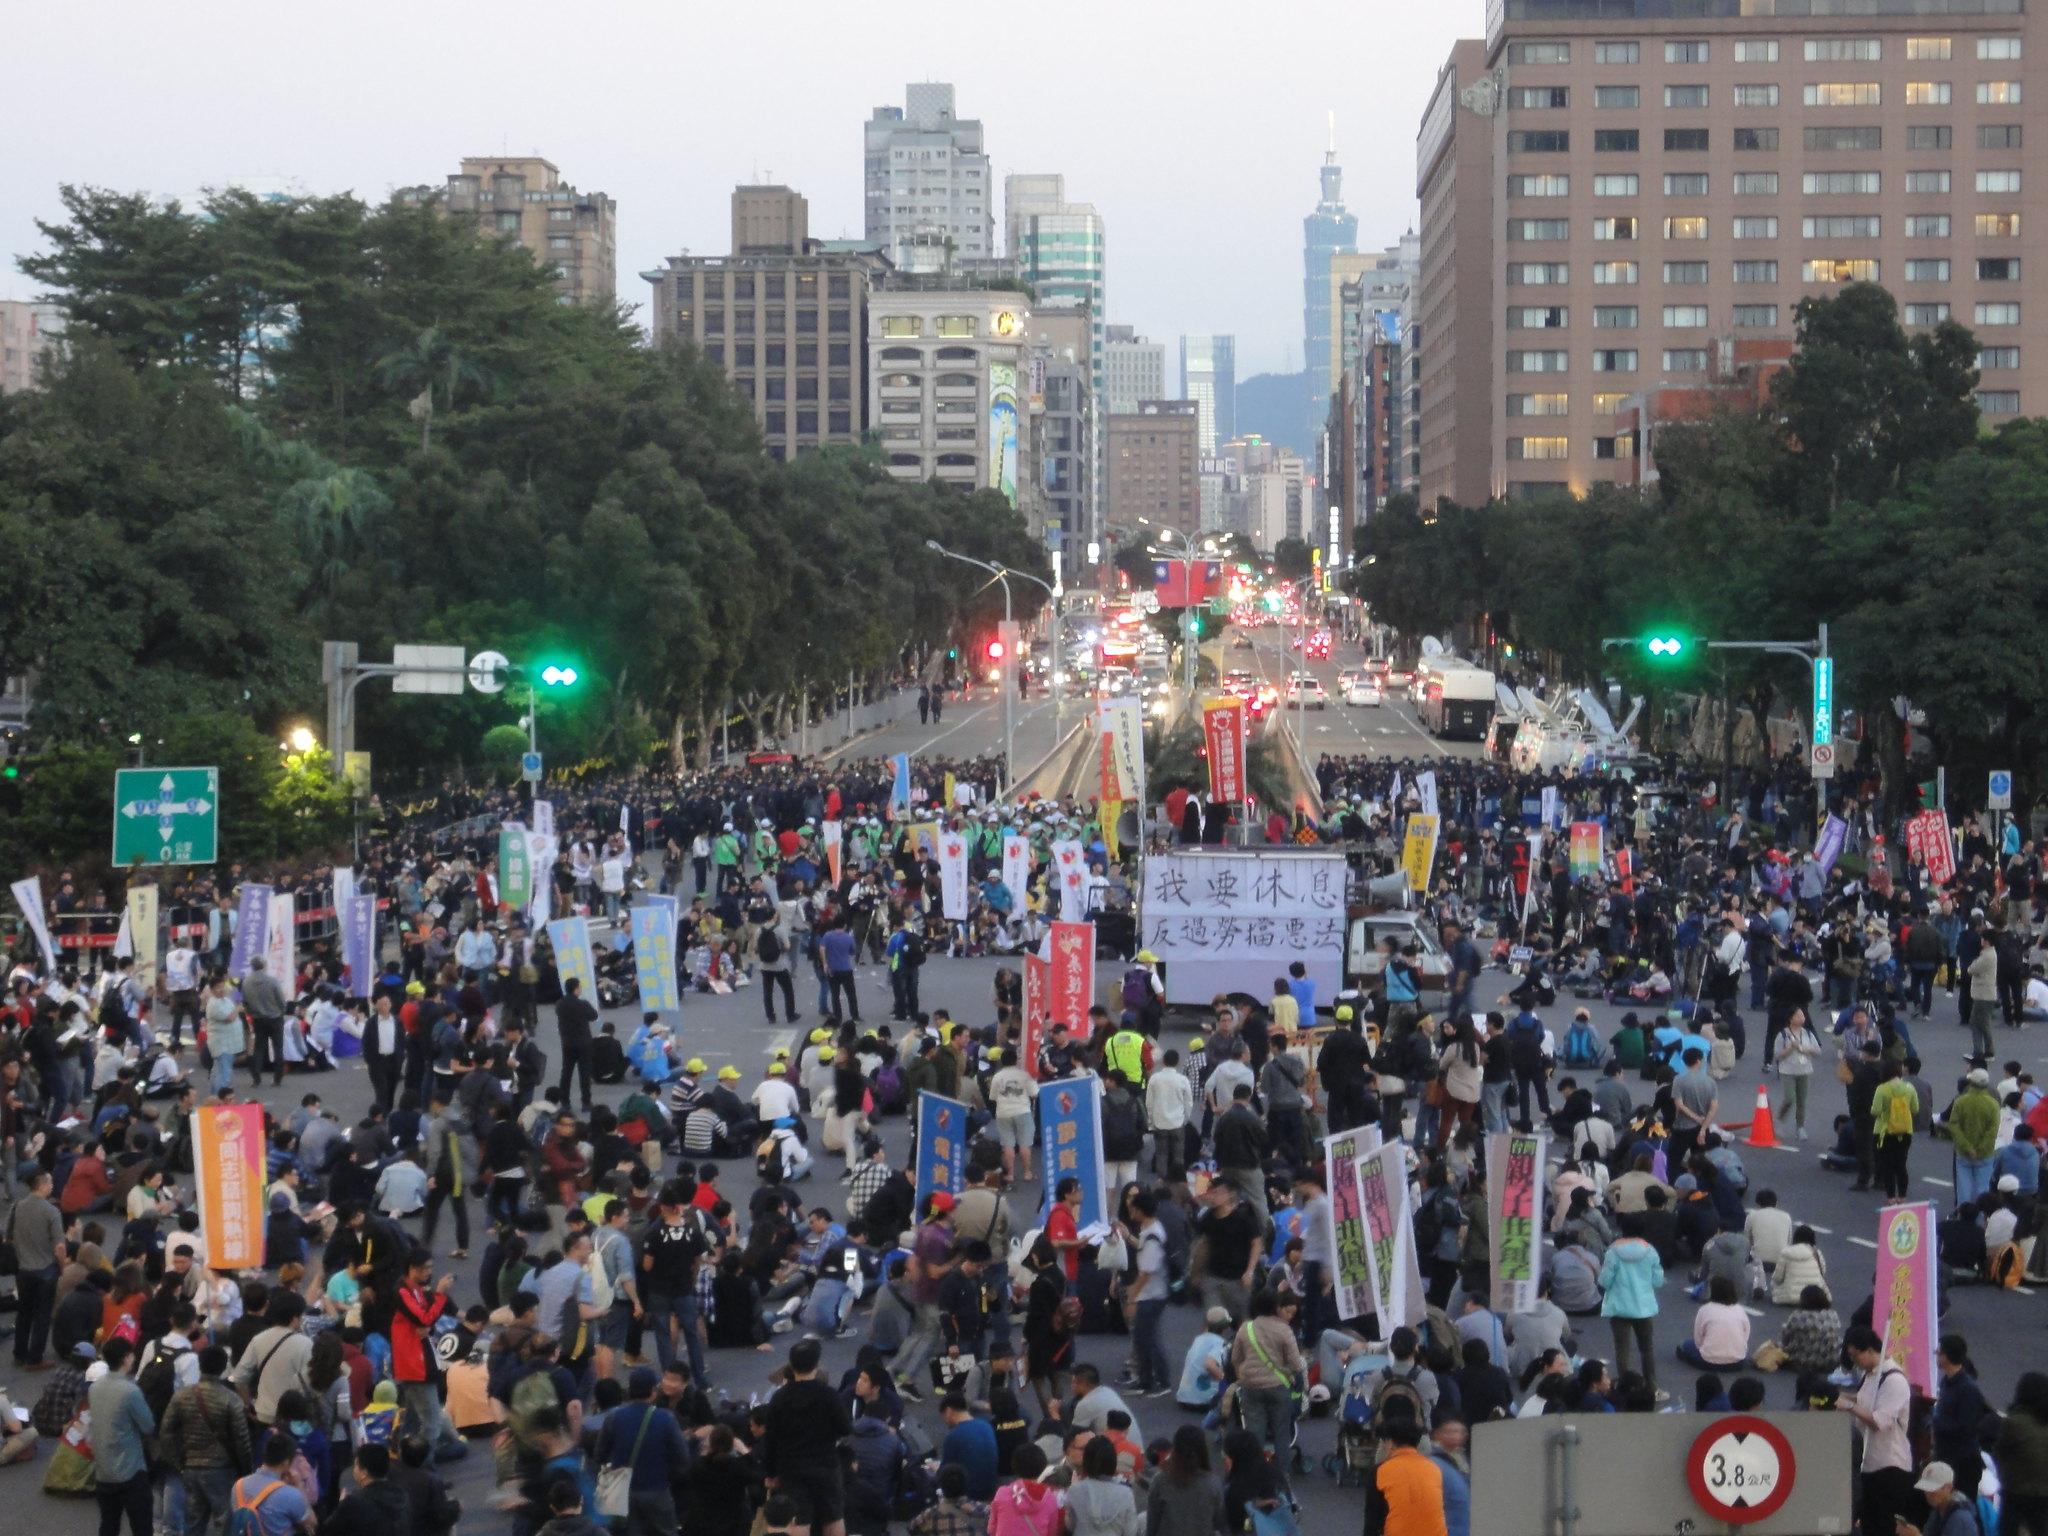 1223遊行當日,群眾佔領行政院前路口。(攝影:張智琦)